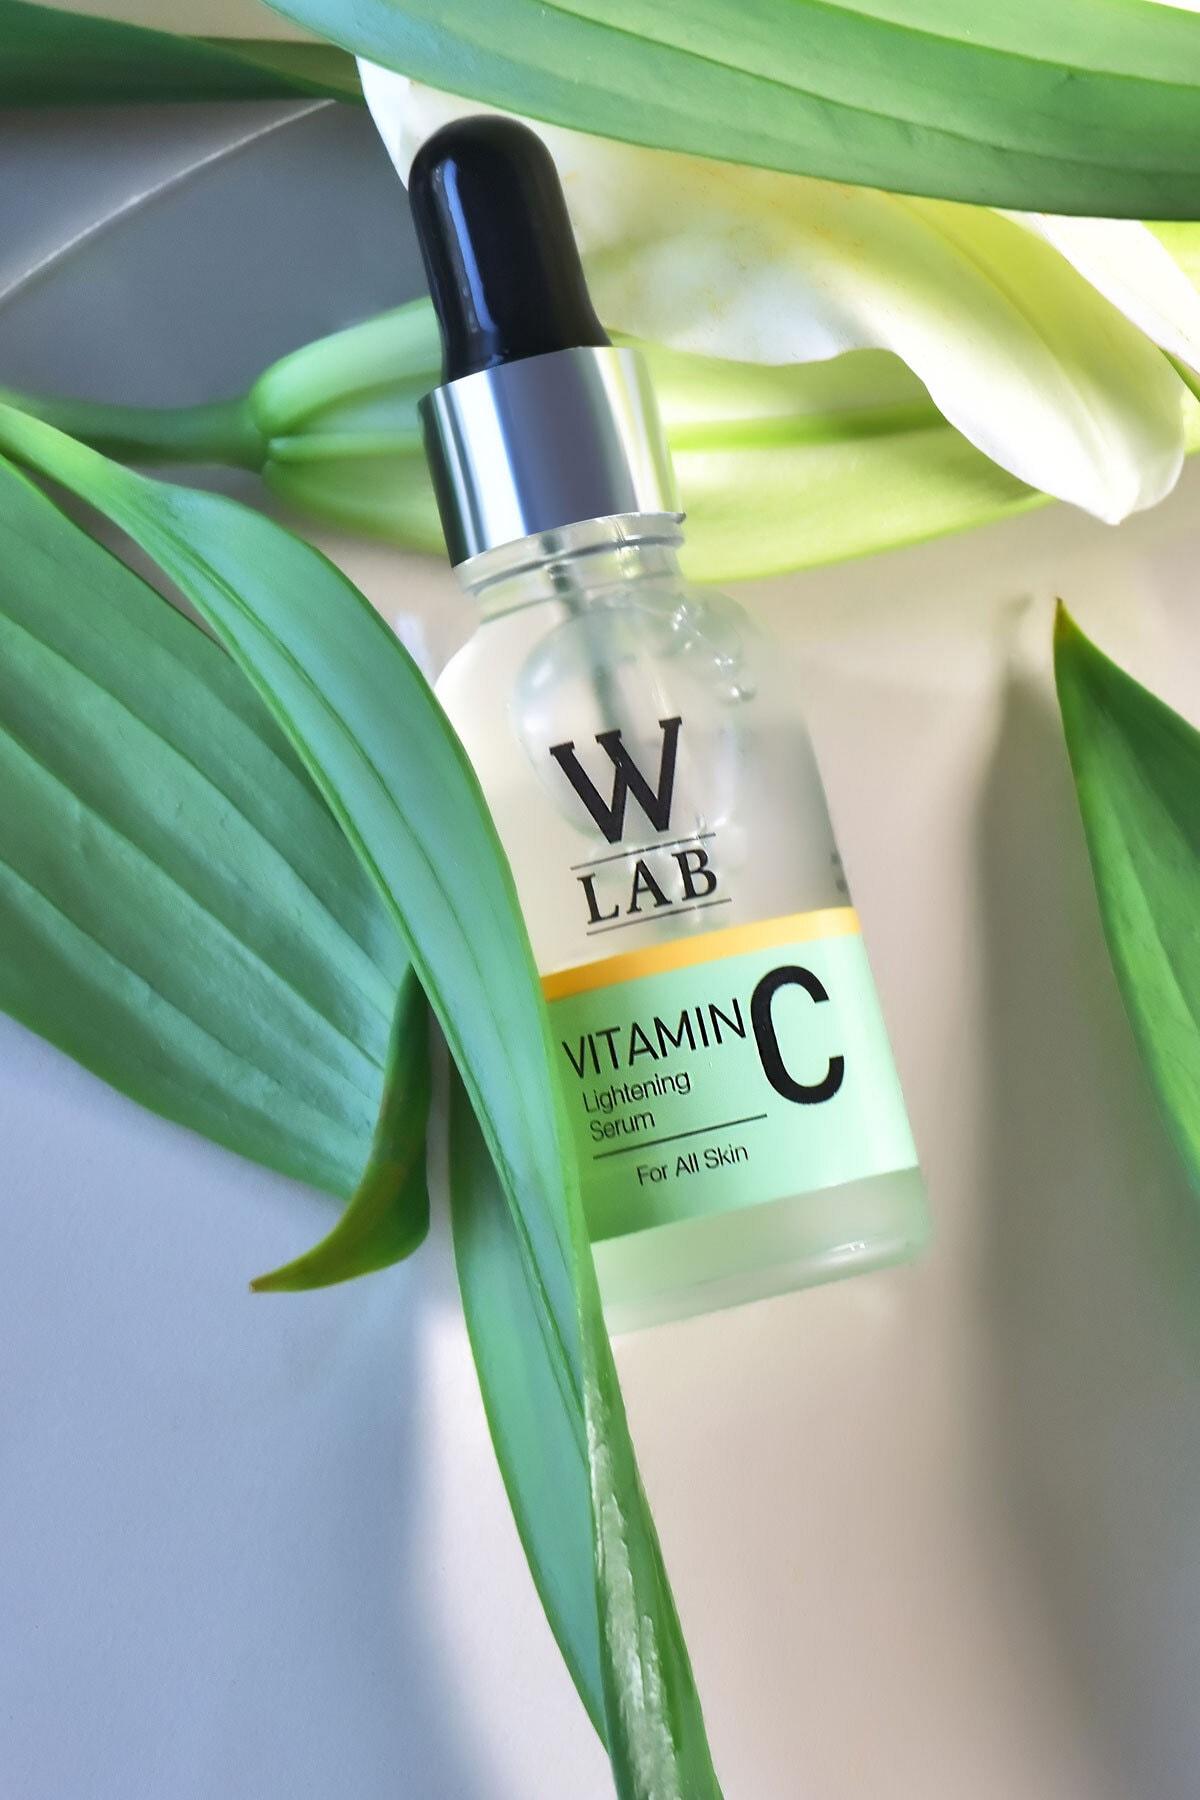 W-Lab Kozmetik W - Lab  Vitamin C Lightening Serum 1